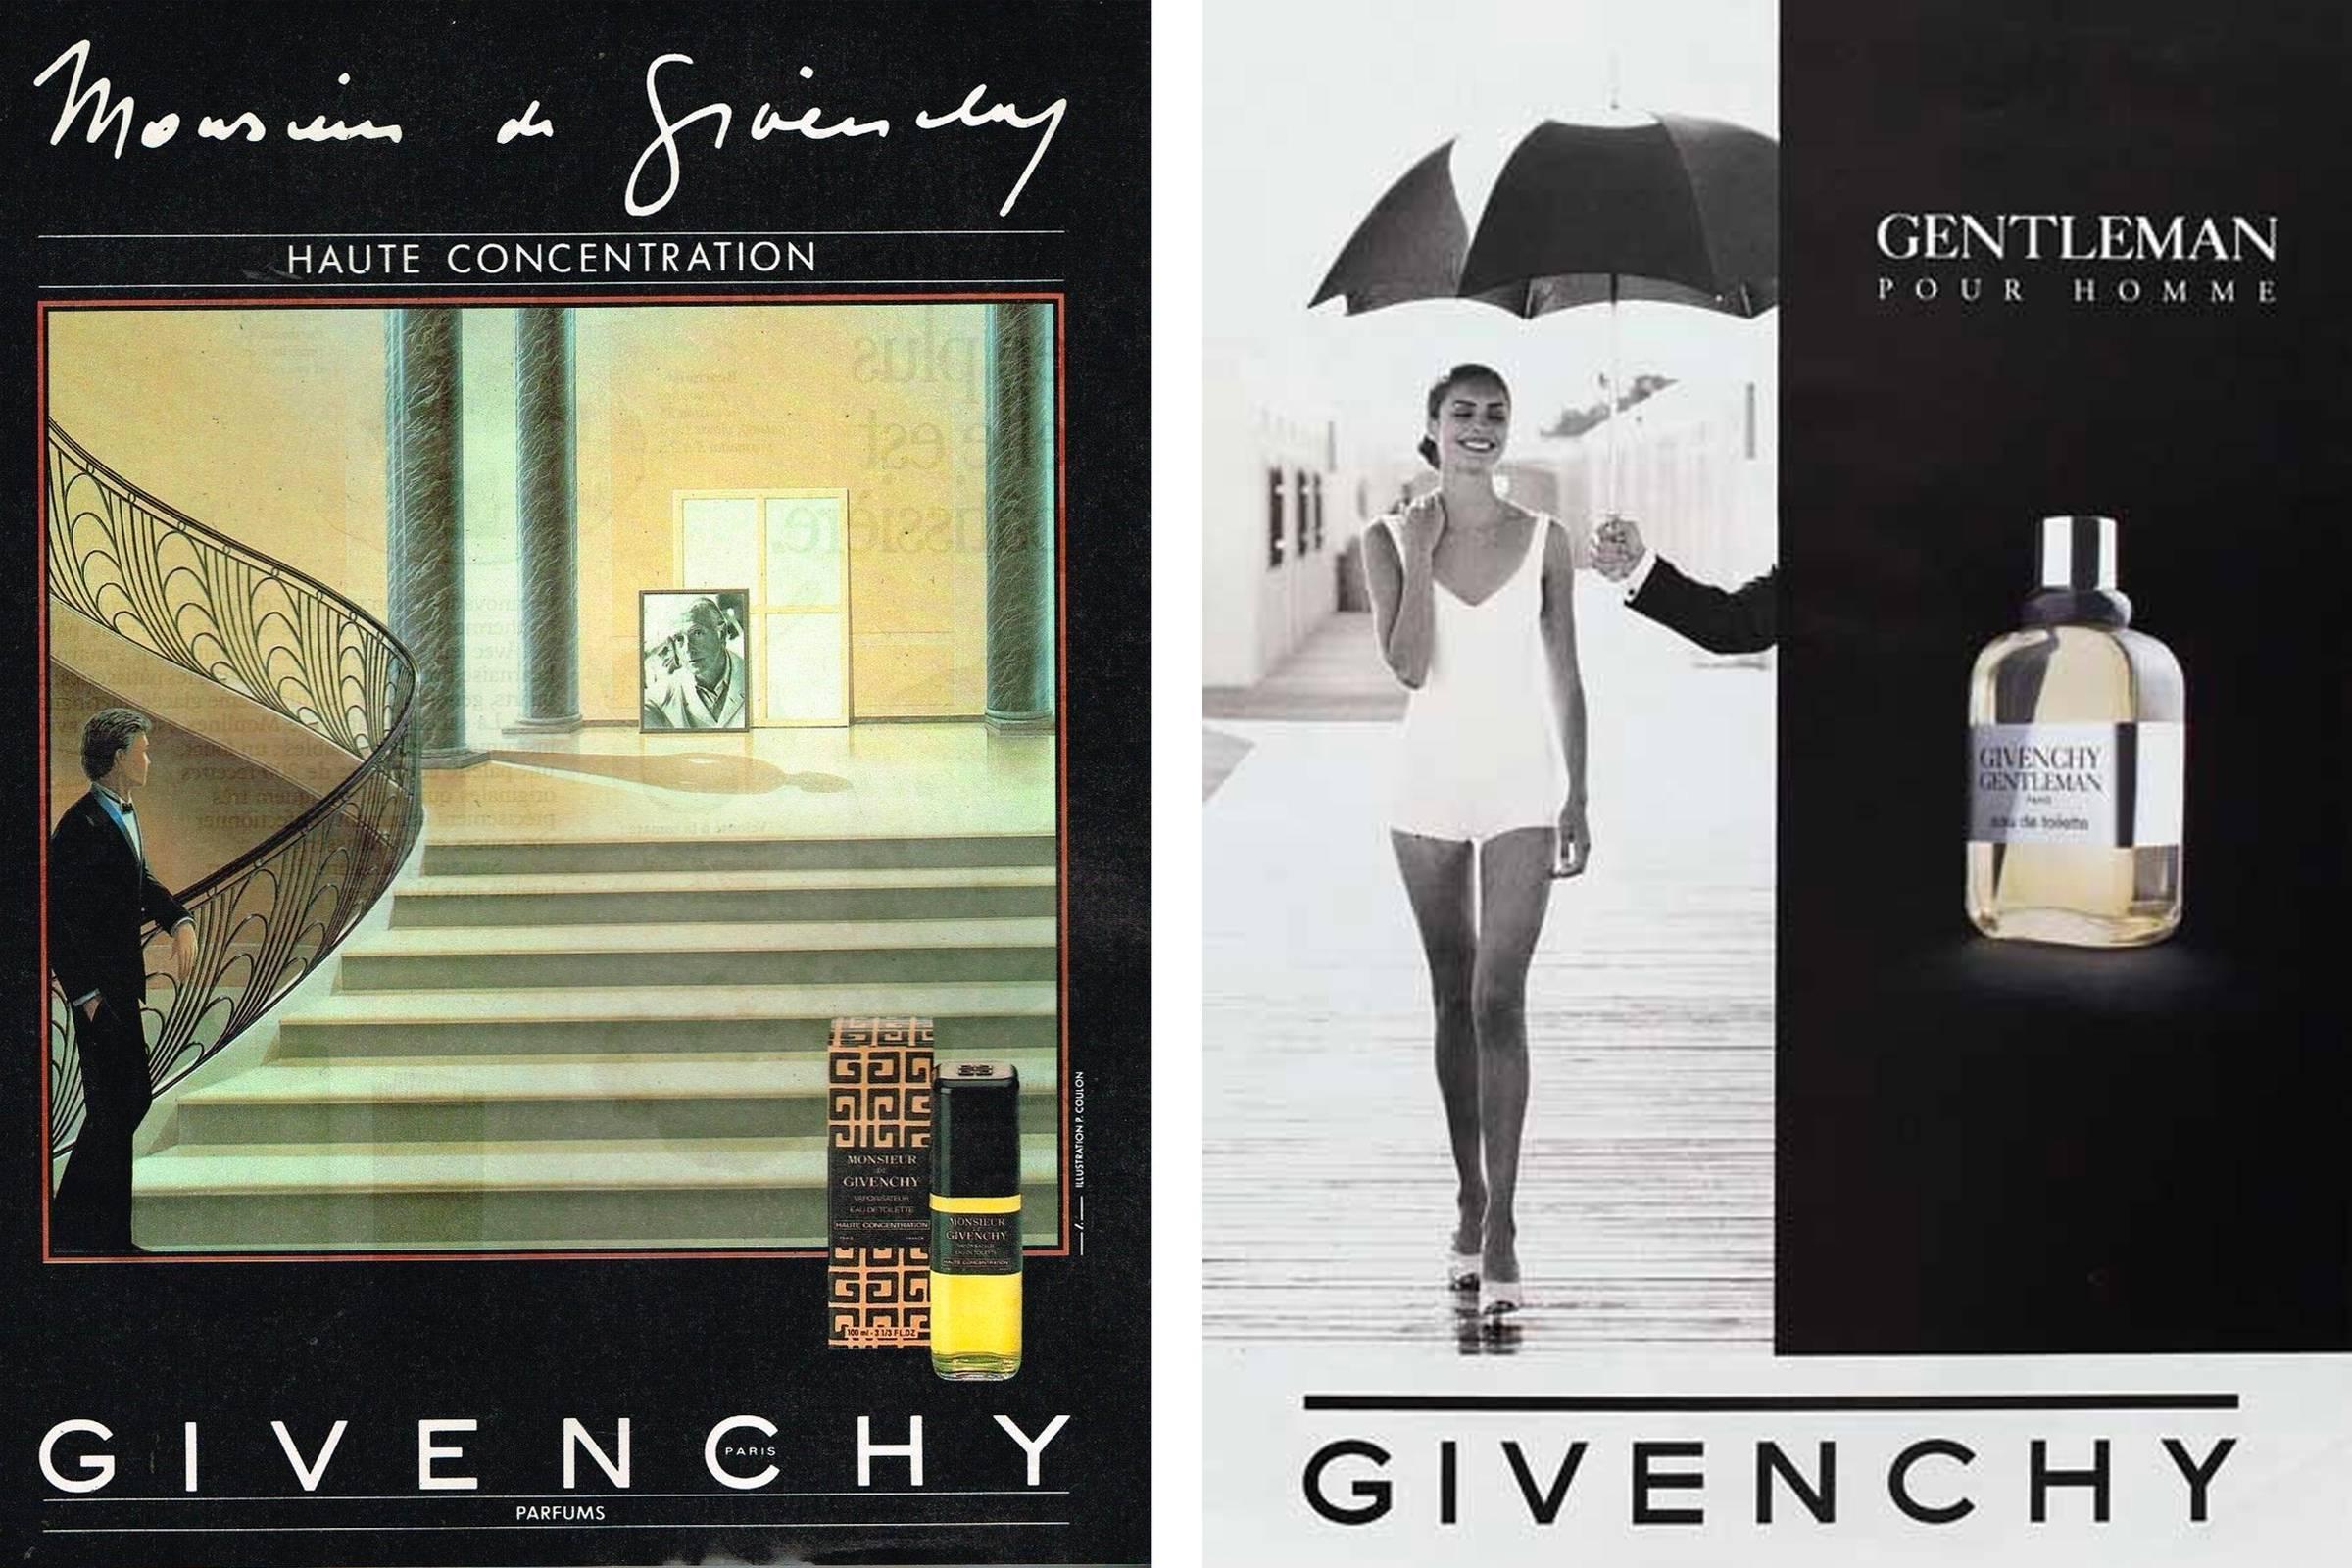 Реклама аромата Monsieur Givenchy 1985 года (слева); реклама аромата Givenchy Gentleman Pour Homme 1987 года.